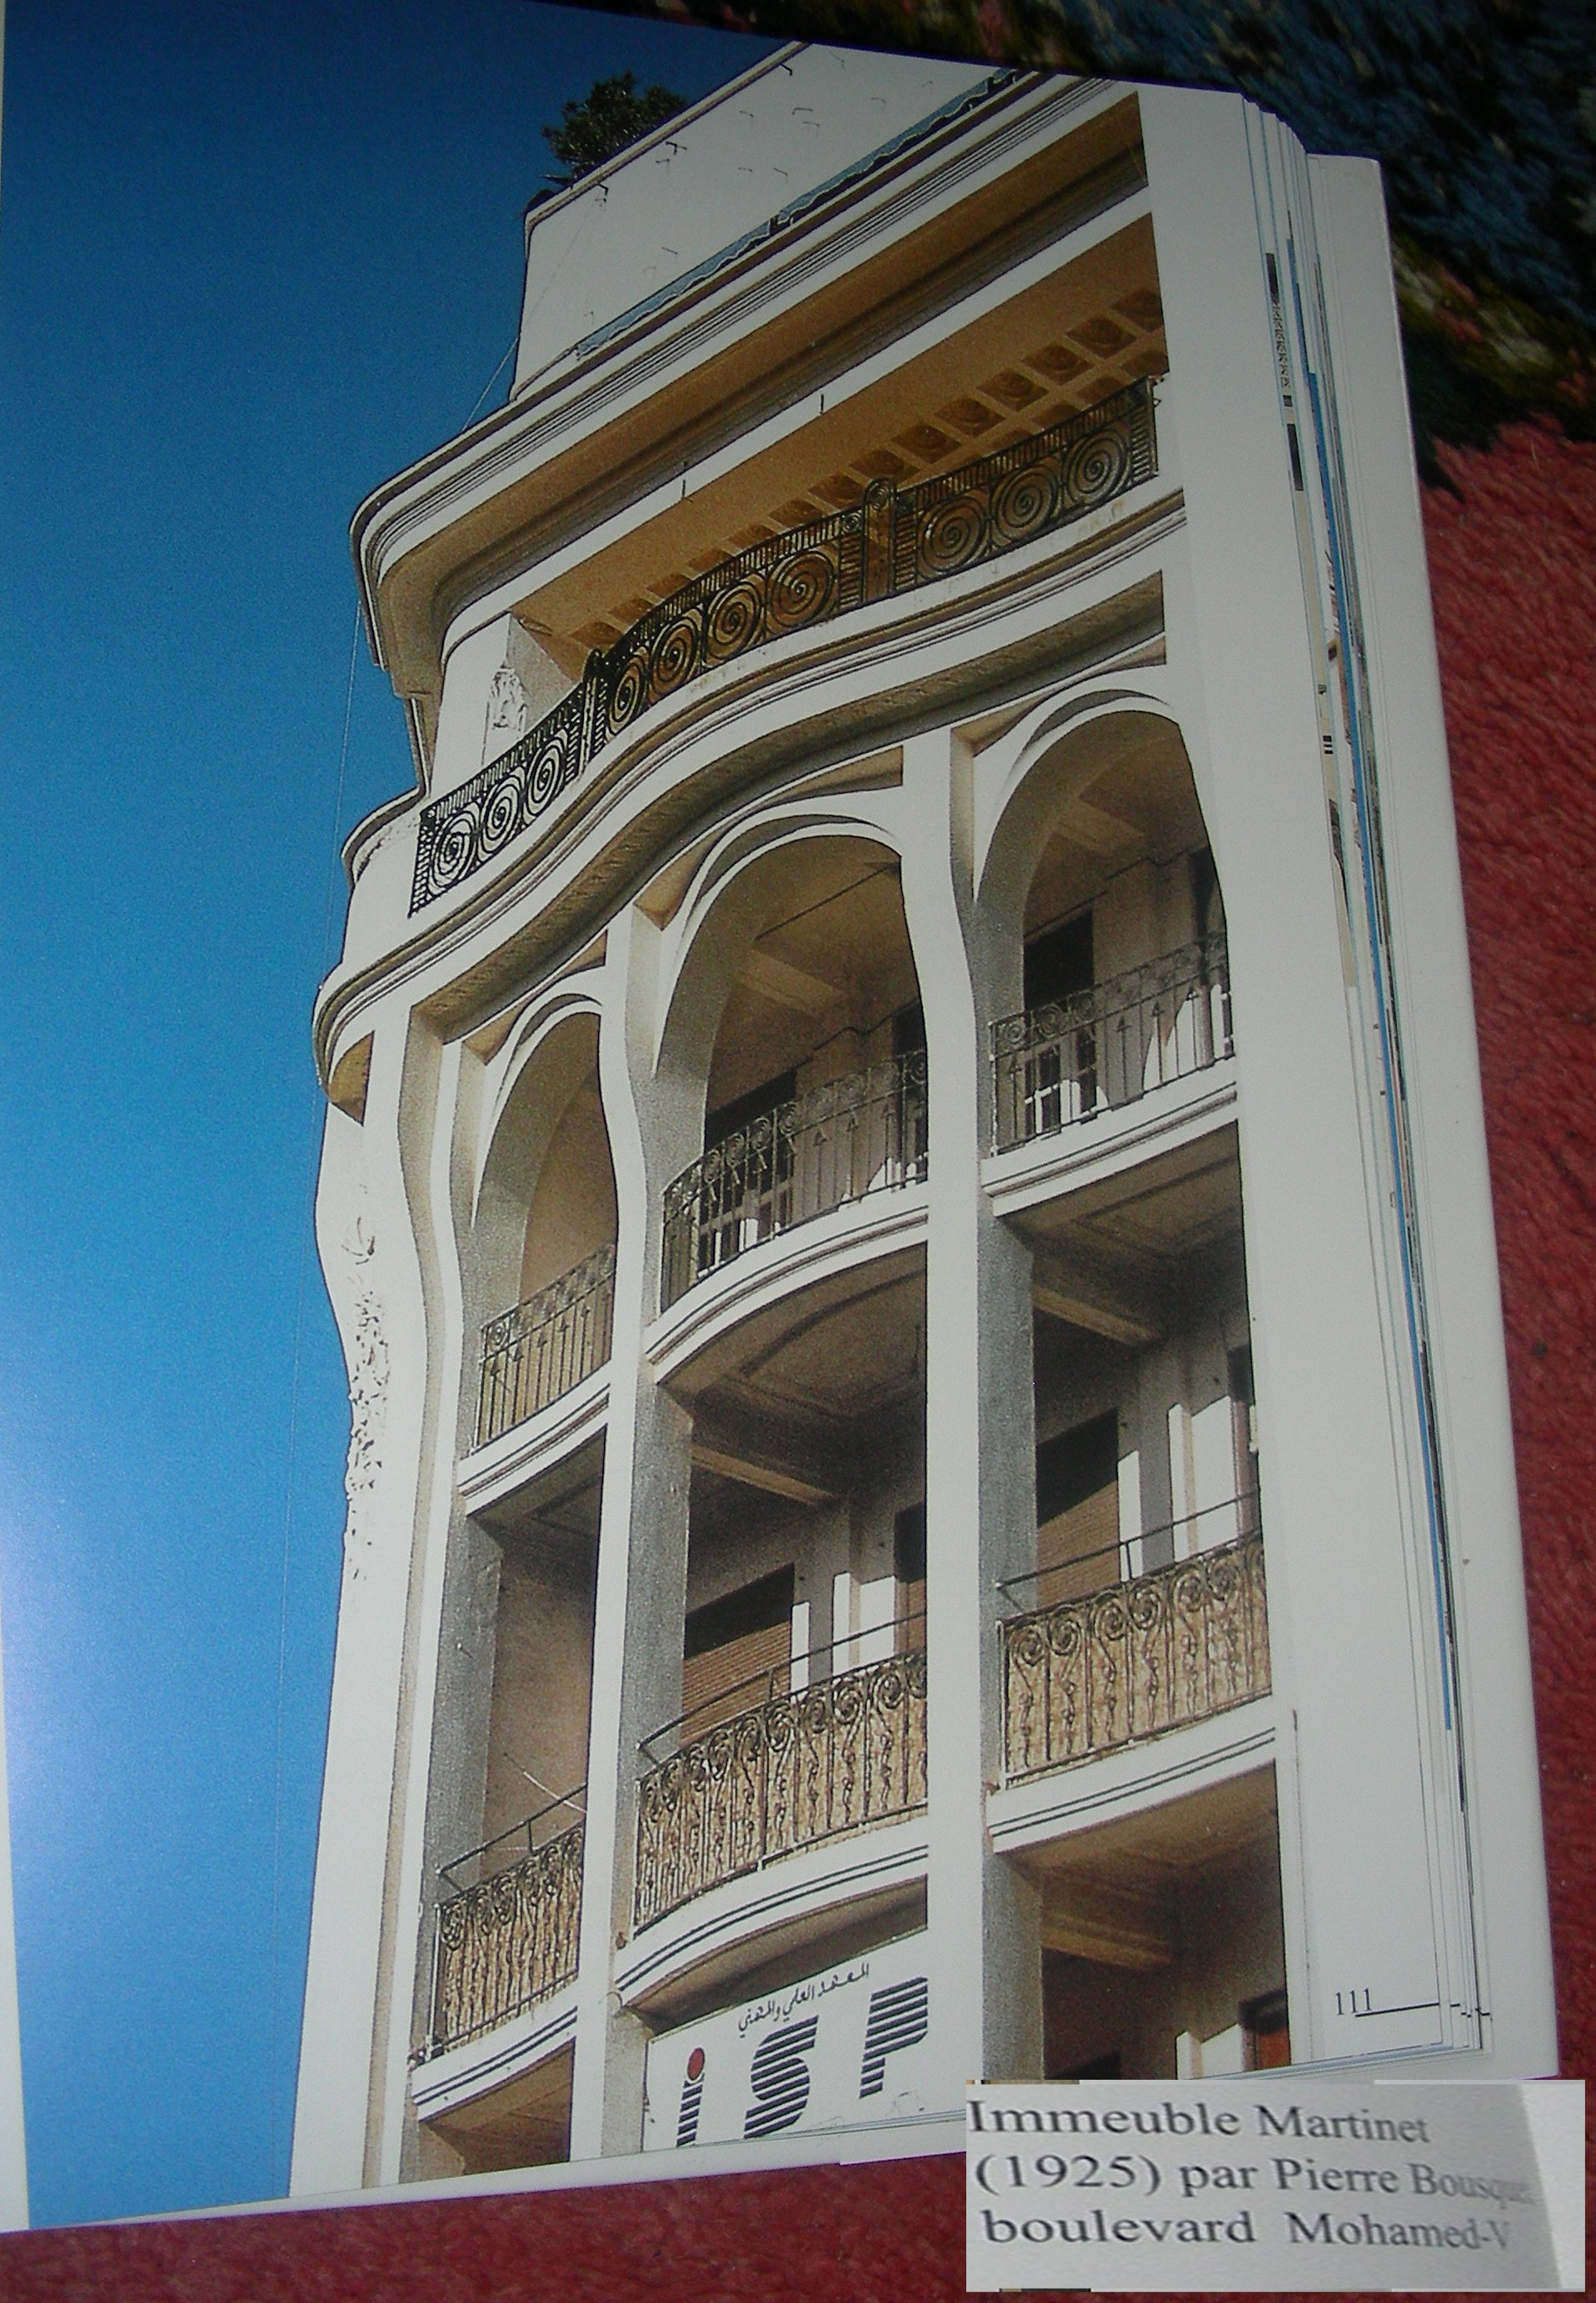 architectes au maroc annees 25 a 35 40 papyrandonneur 39 s blog pyrenees alpes atlas casa maroc. Black Bedroom Furniture Sets. Home Design Ideas